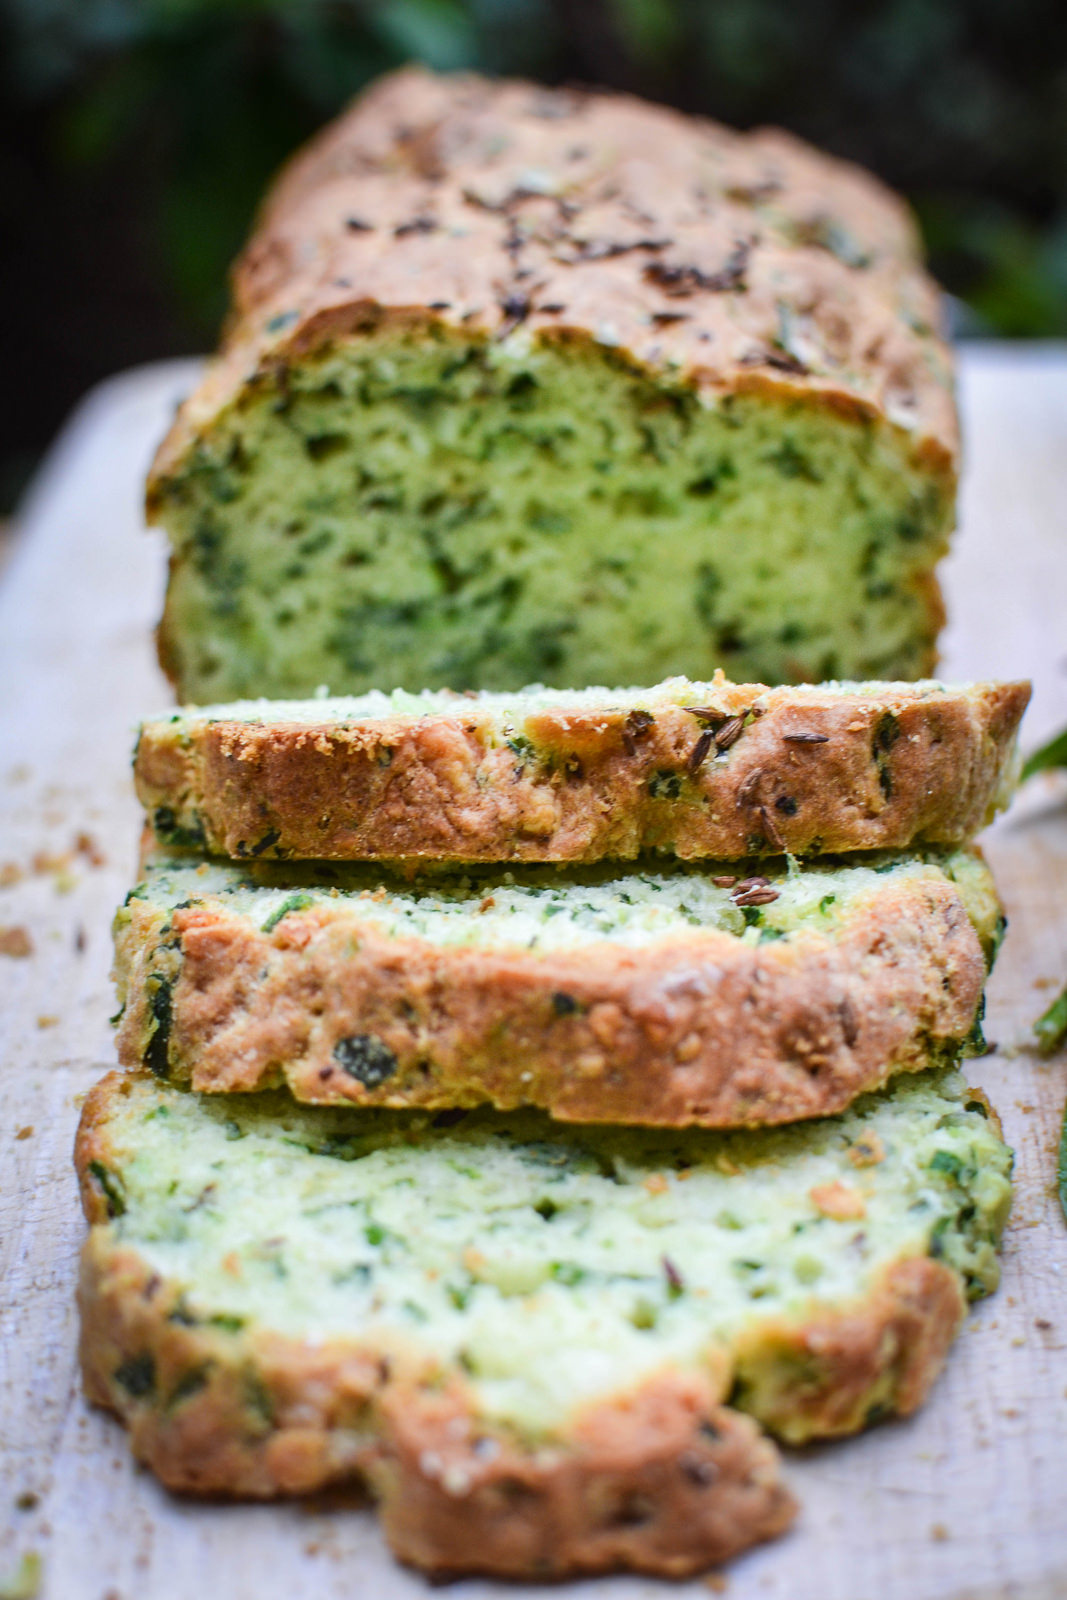 Nasturtium bread